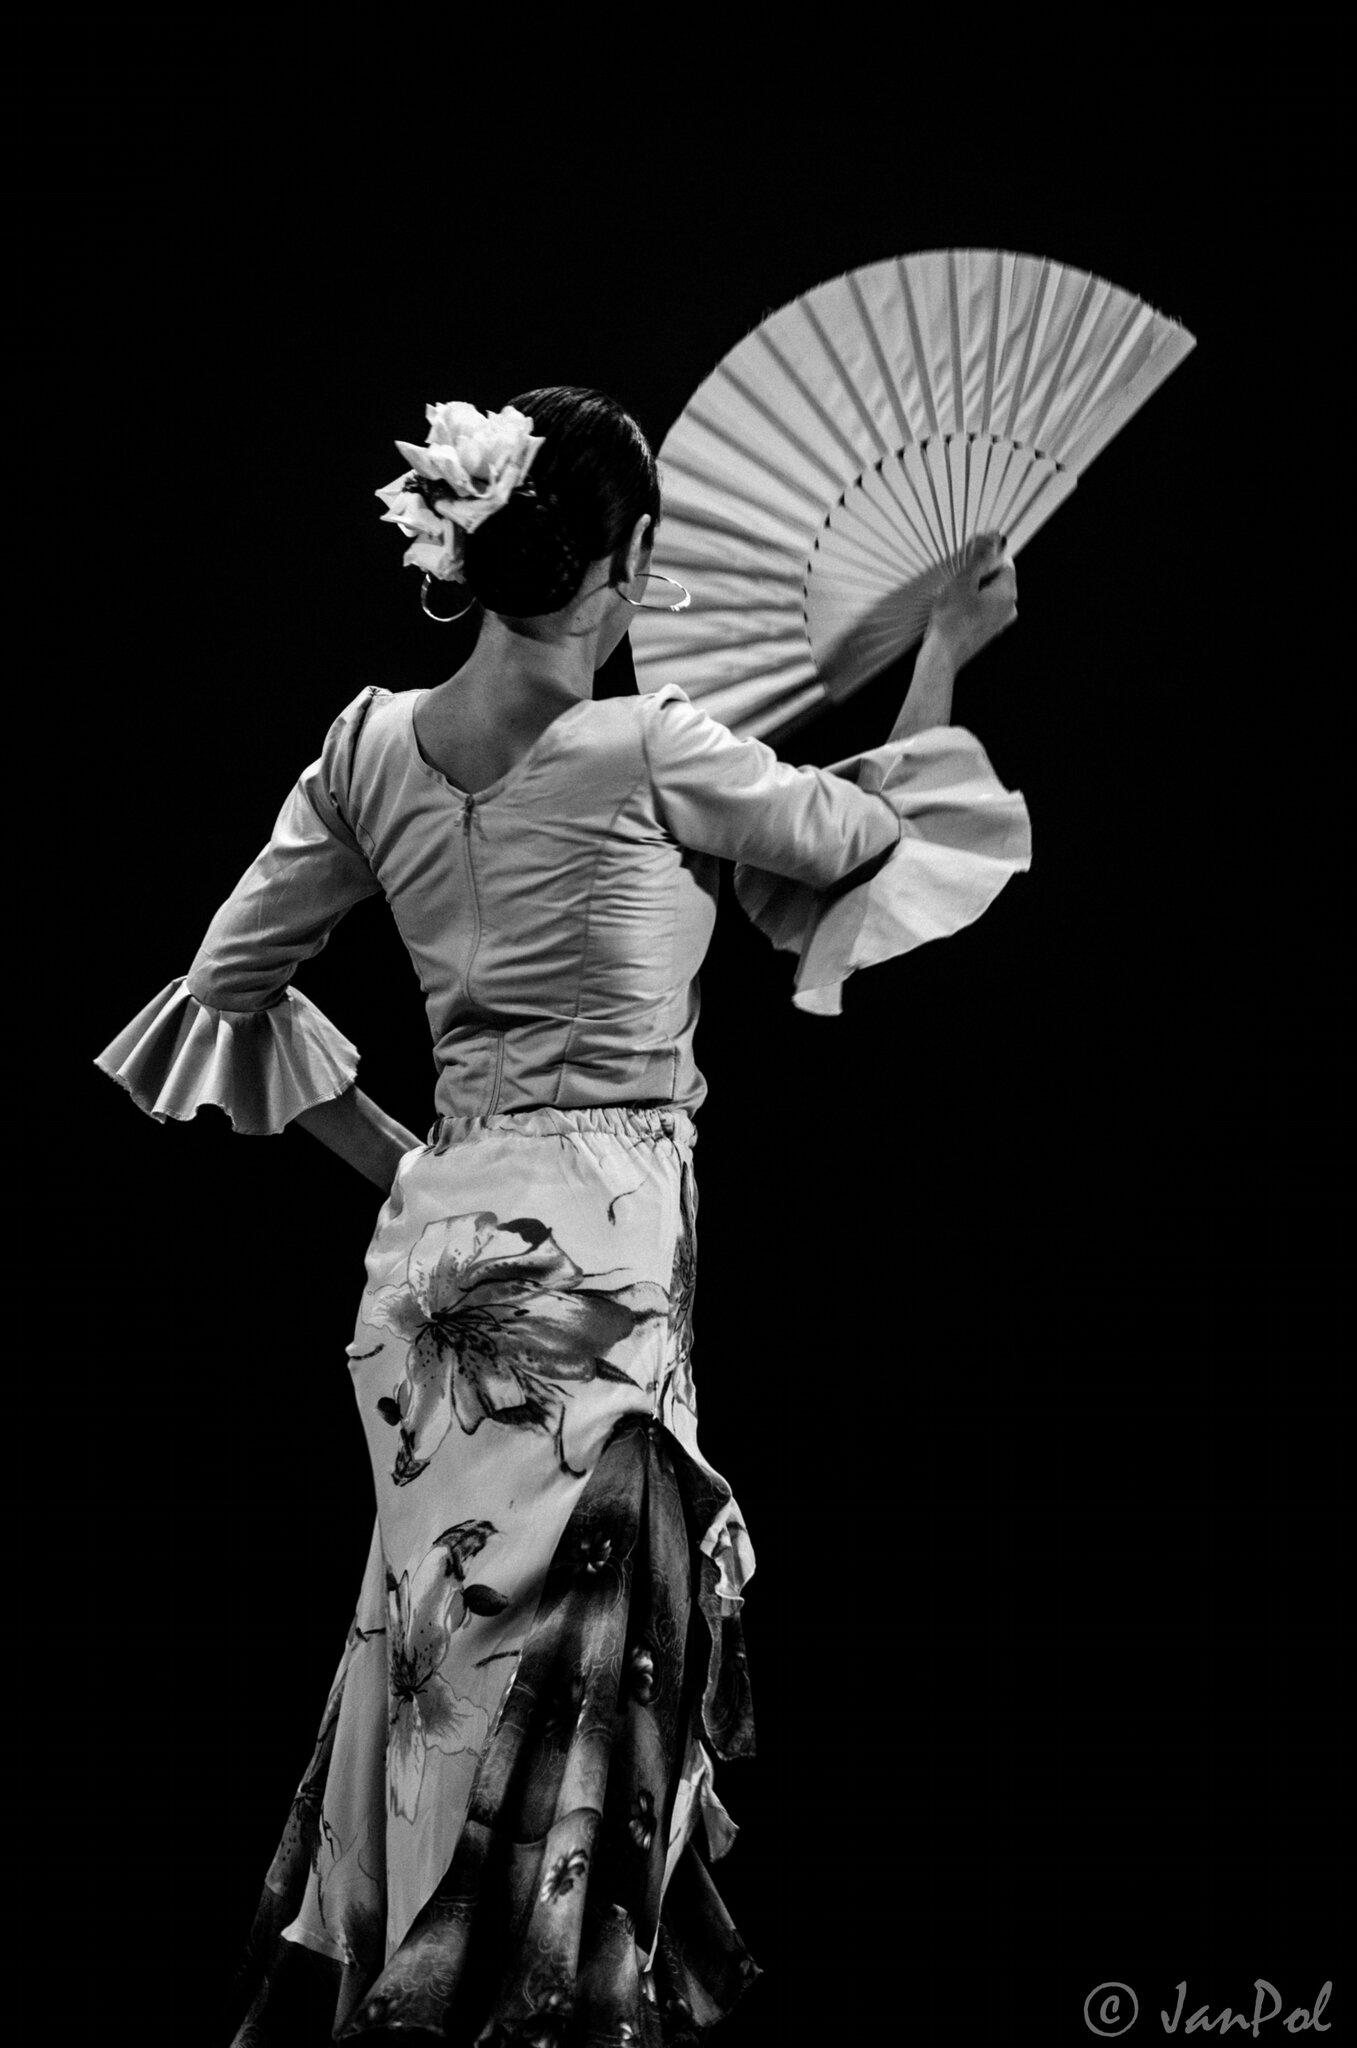 flamenco en dos majeur club photo arr t sur images. Black Bedroom Furniture Sets. Home Design Ideas